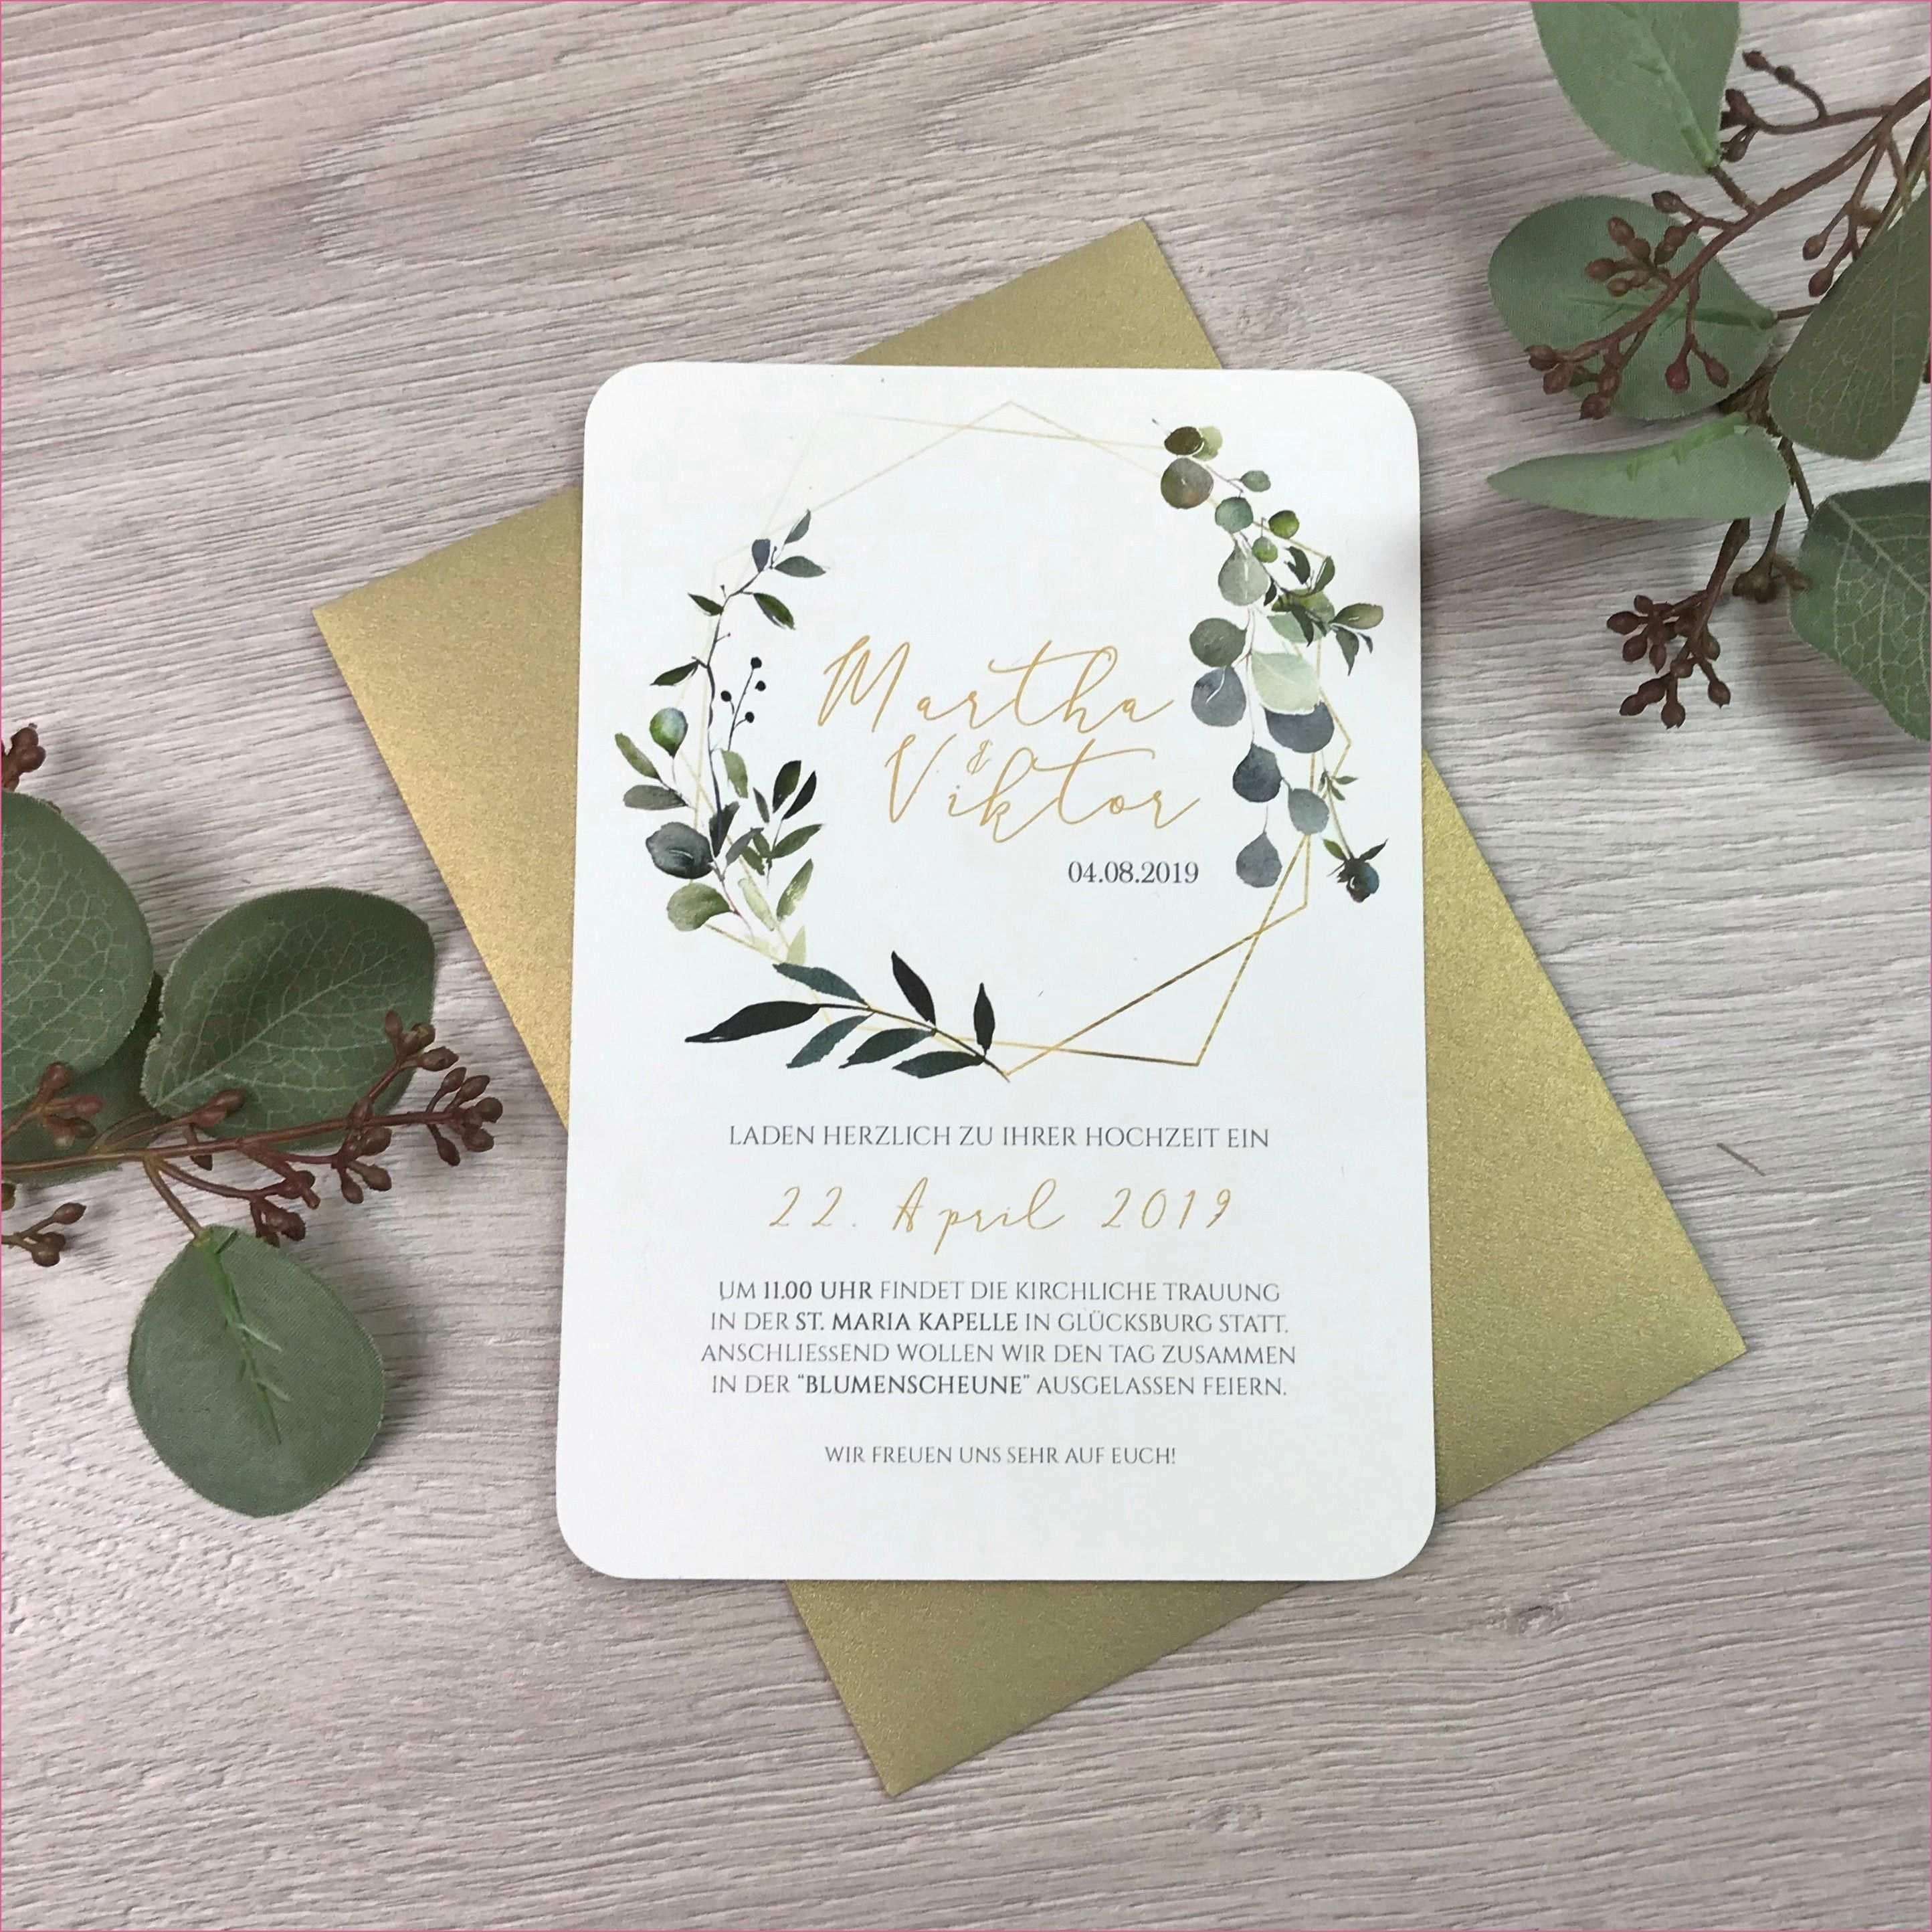 Beschwerdebrief An Vw Muster Einladungen Hochzeit Hochzeitseinladung Einladungen